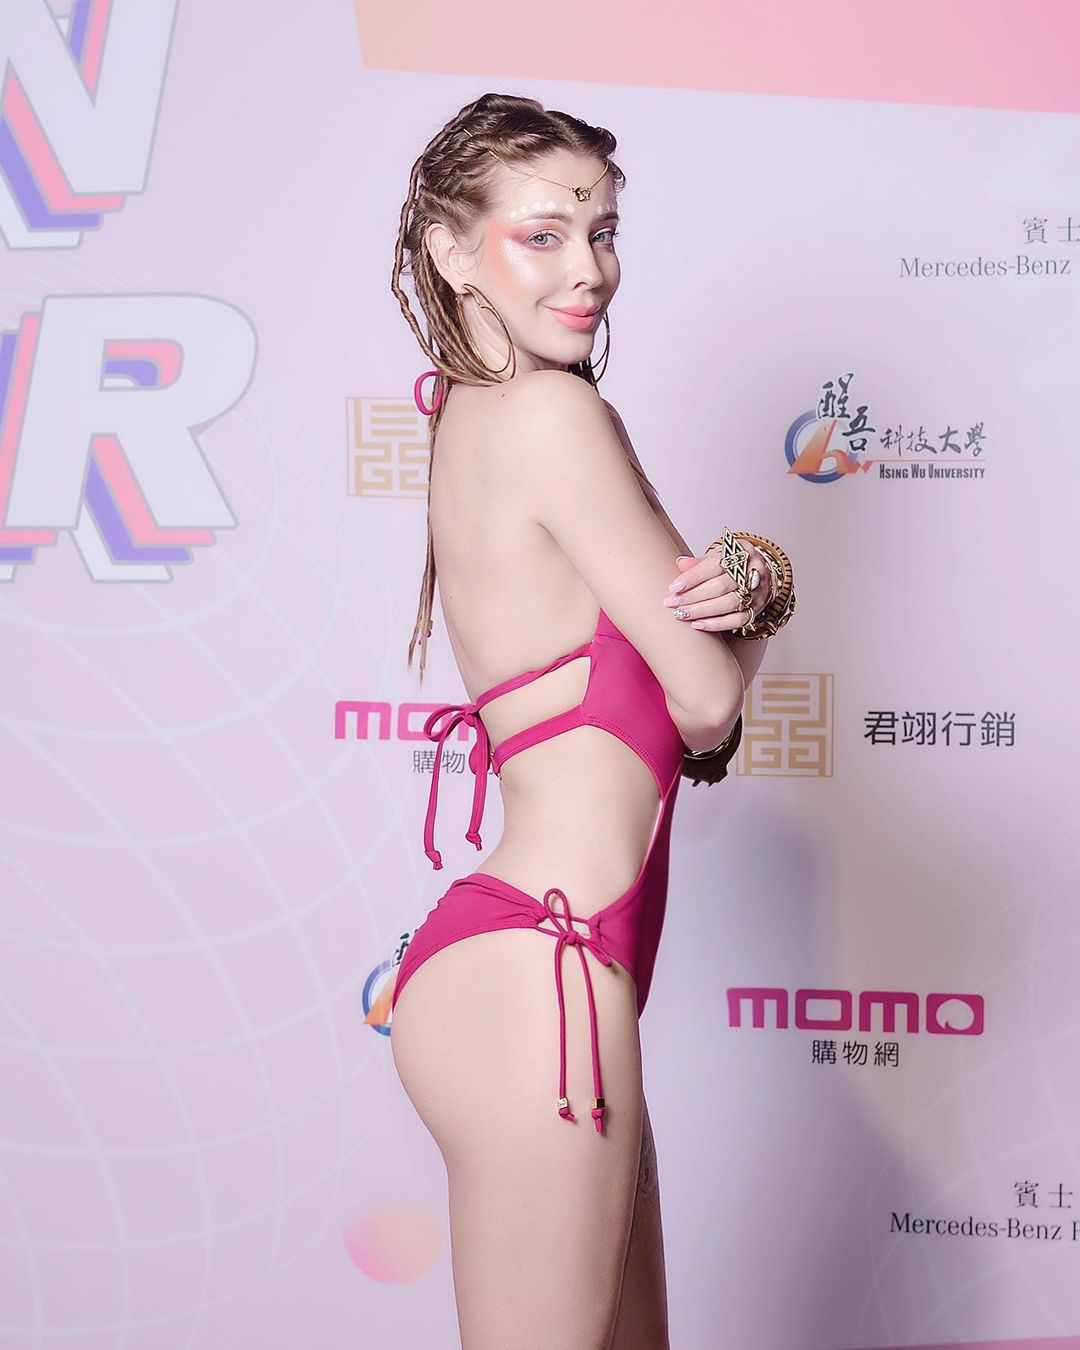 俄罗斯KTV男生满25才给进?安妮秀美臀线条 自嘲「粉红色阿凡达」插图5